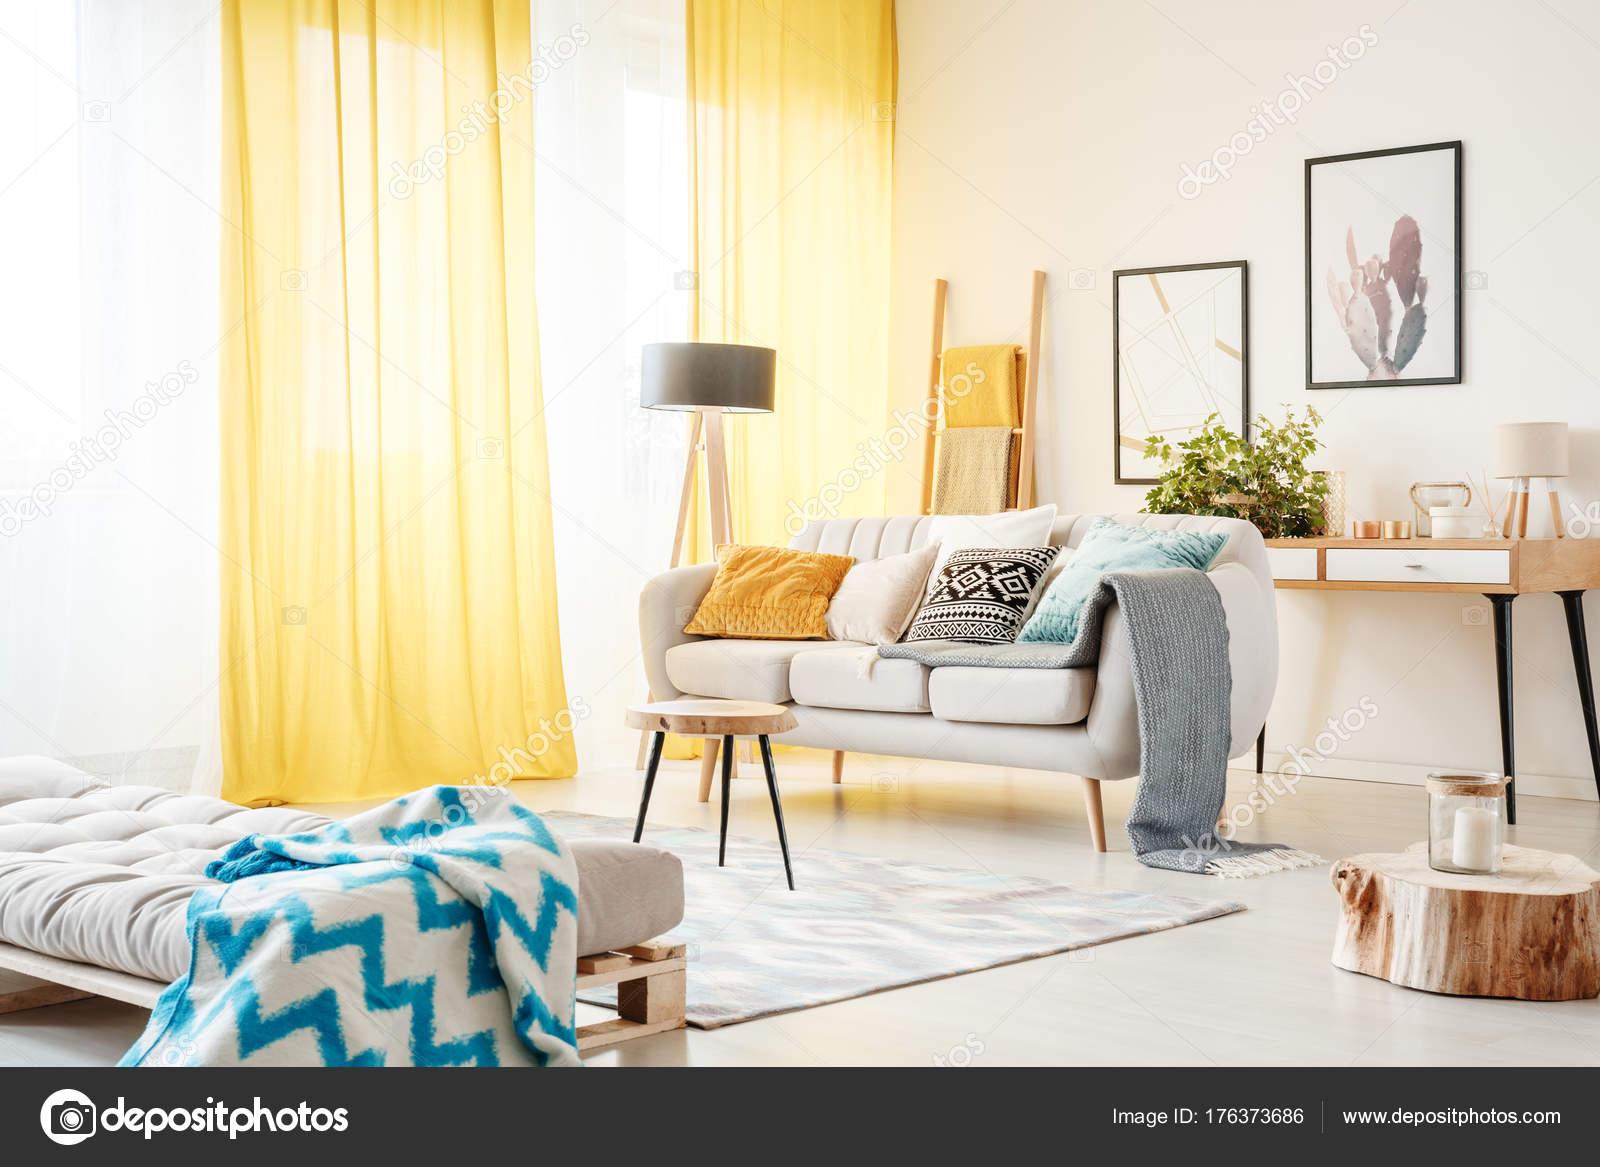 Gemusterte Decke Auf Sofa Und Kerze Auf Hölzernen Stumpf Im Geräumigen  Wohnzimmer Mit Gelben Vorhänge Und Beige Sofa U2014 Foto Von Photographee.eu